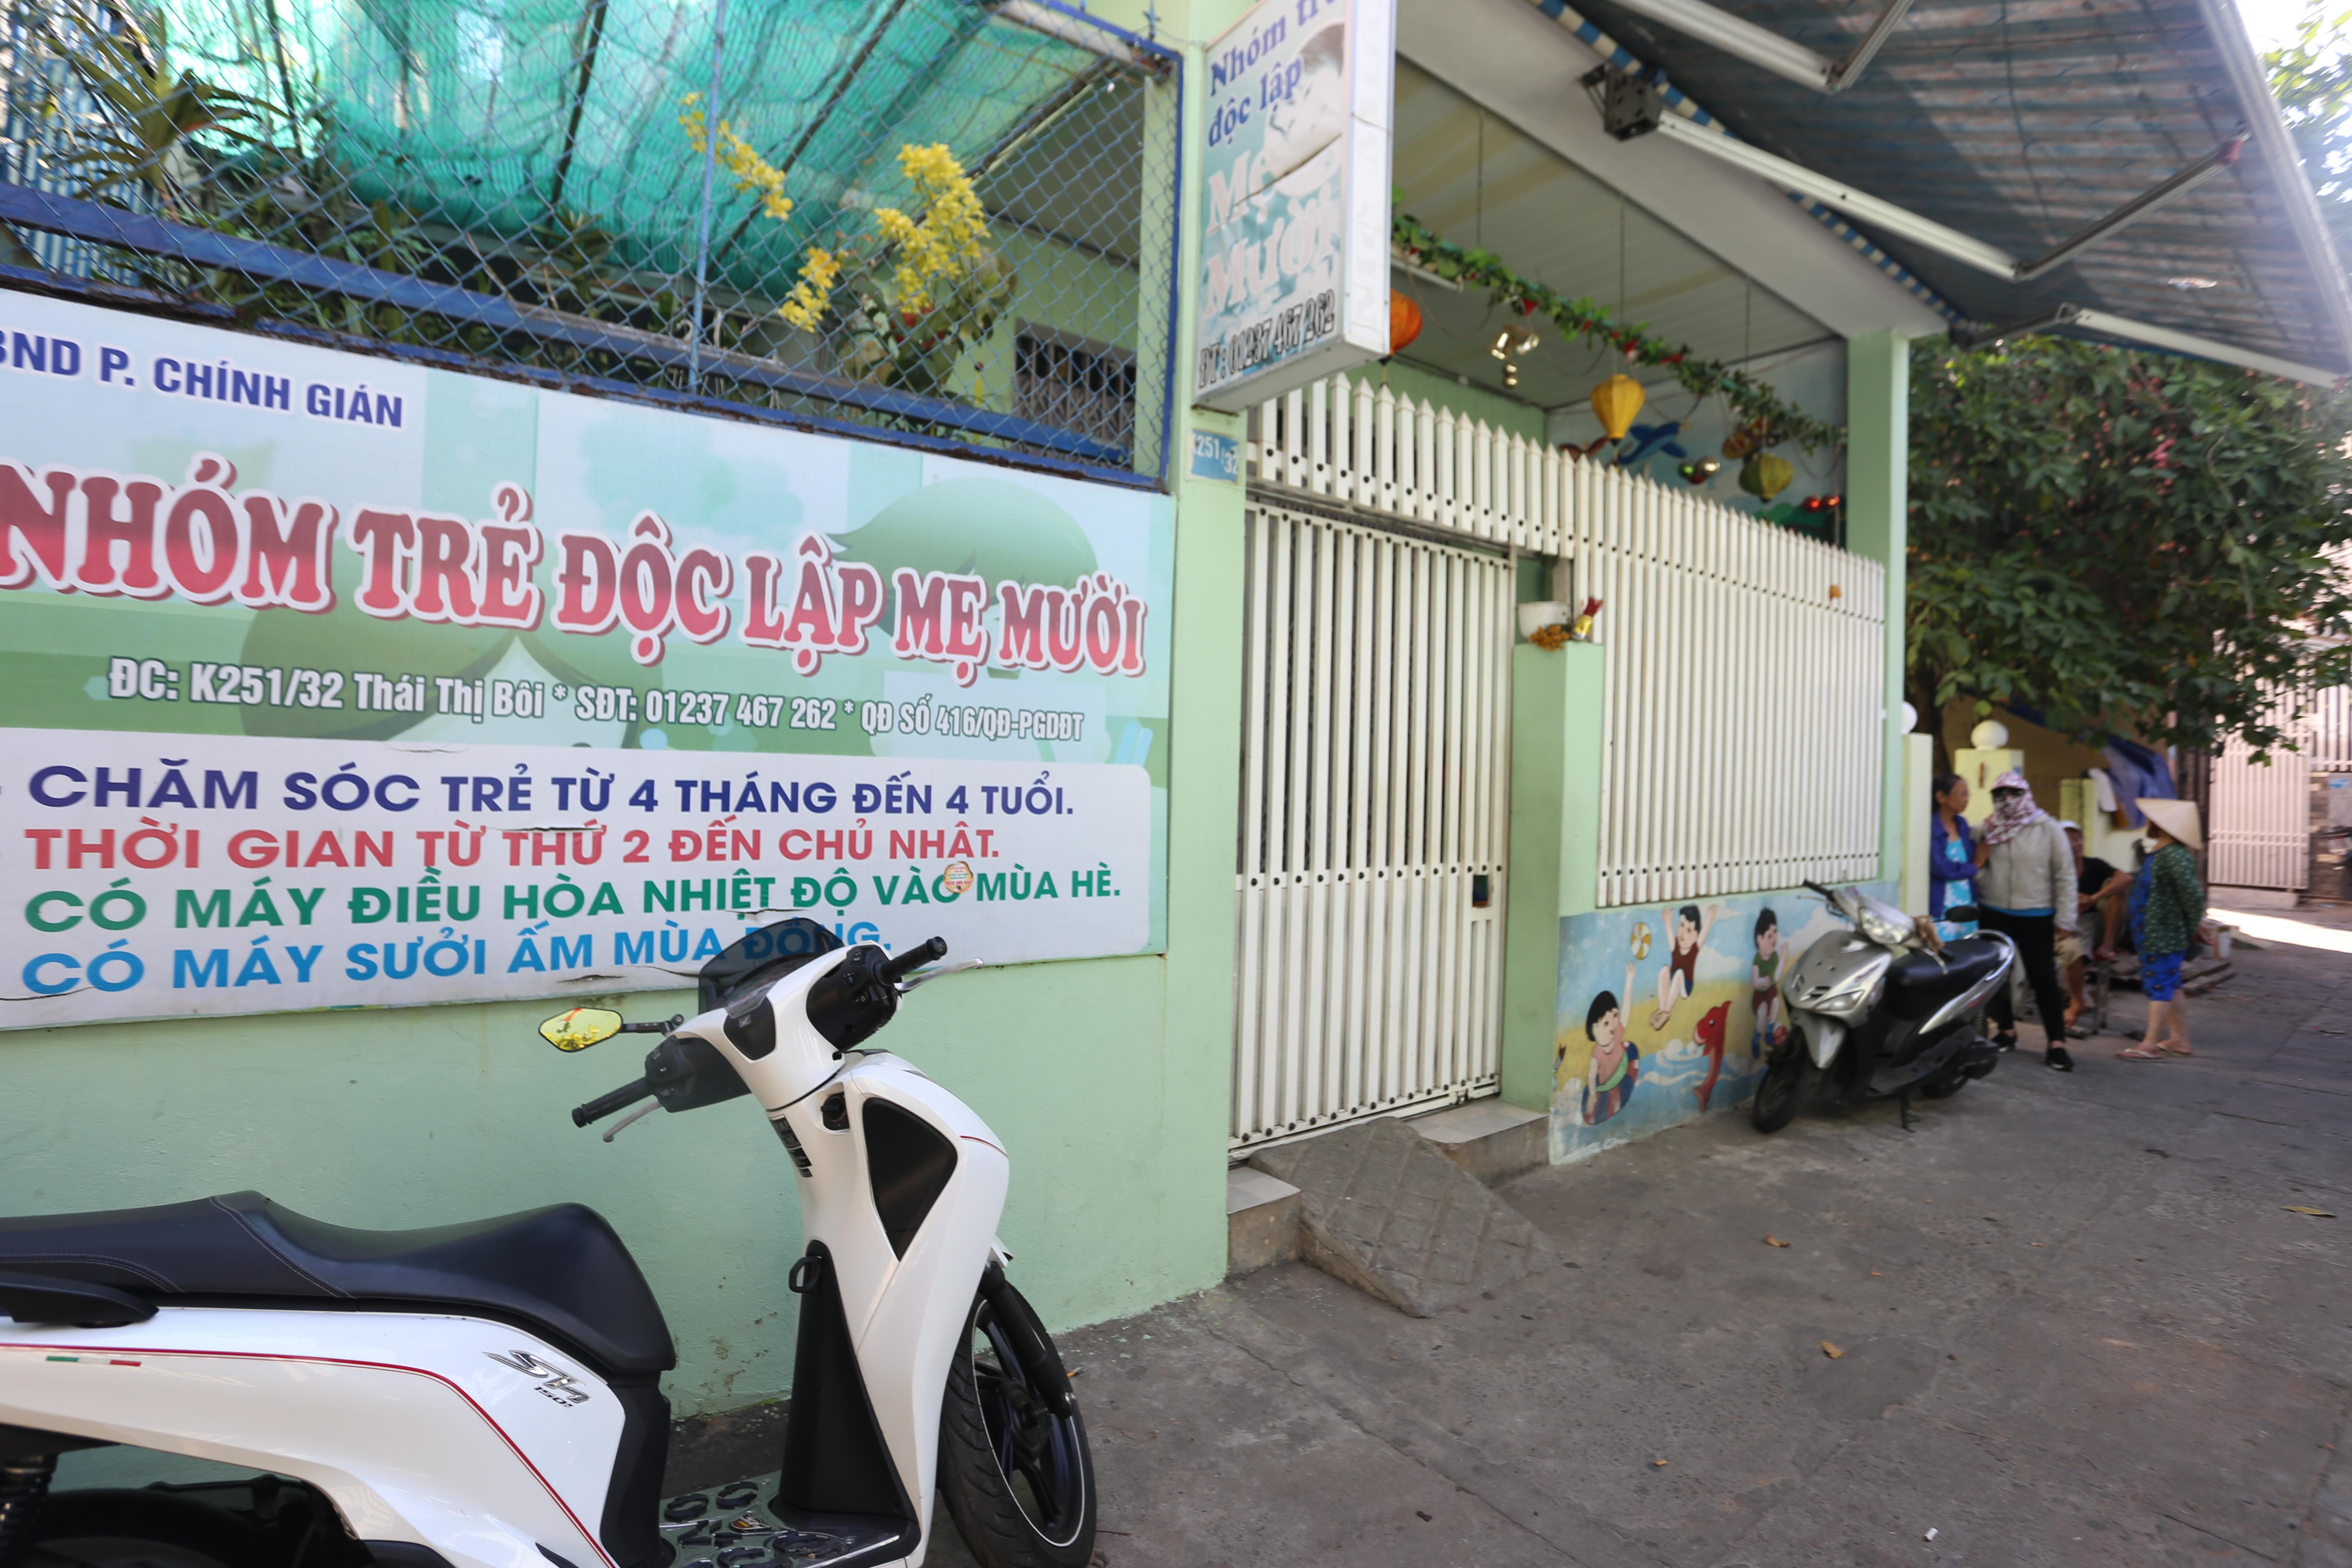 Hiện cơ sở trẻ Mẹ Mười đã bị đóng cửa.